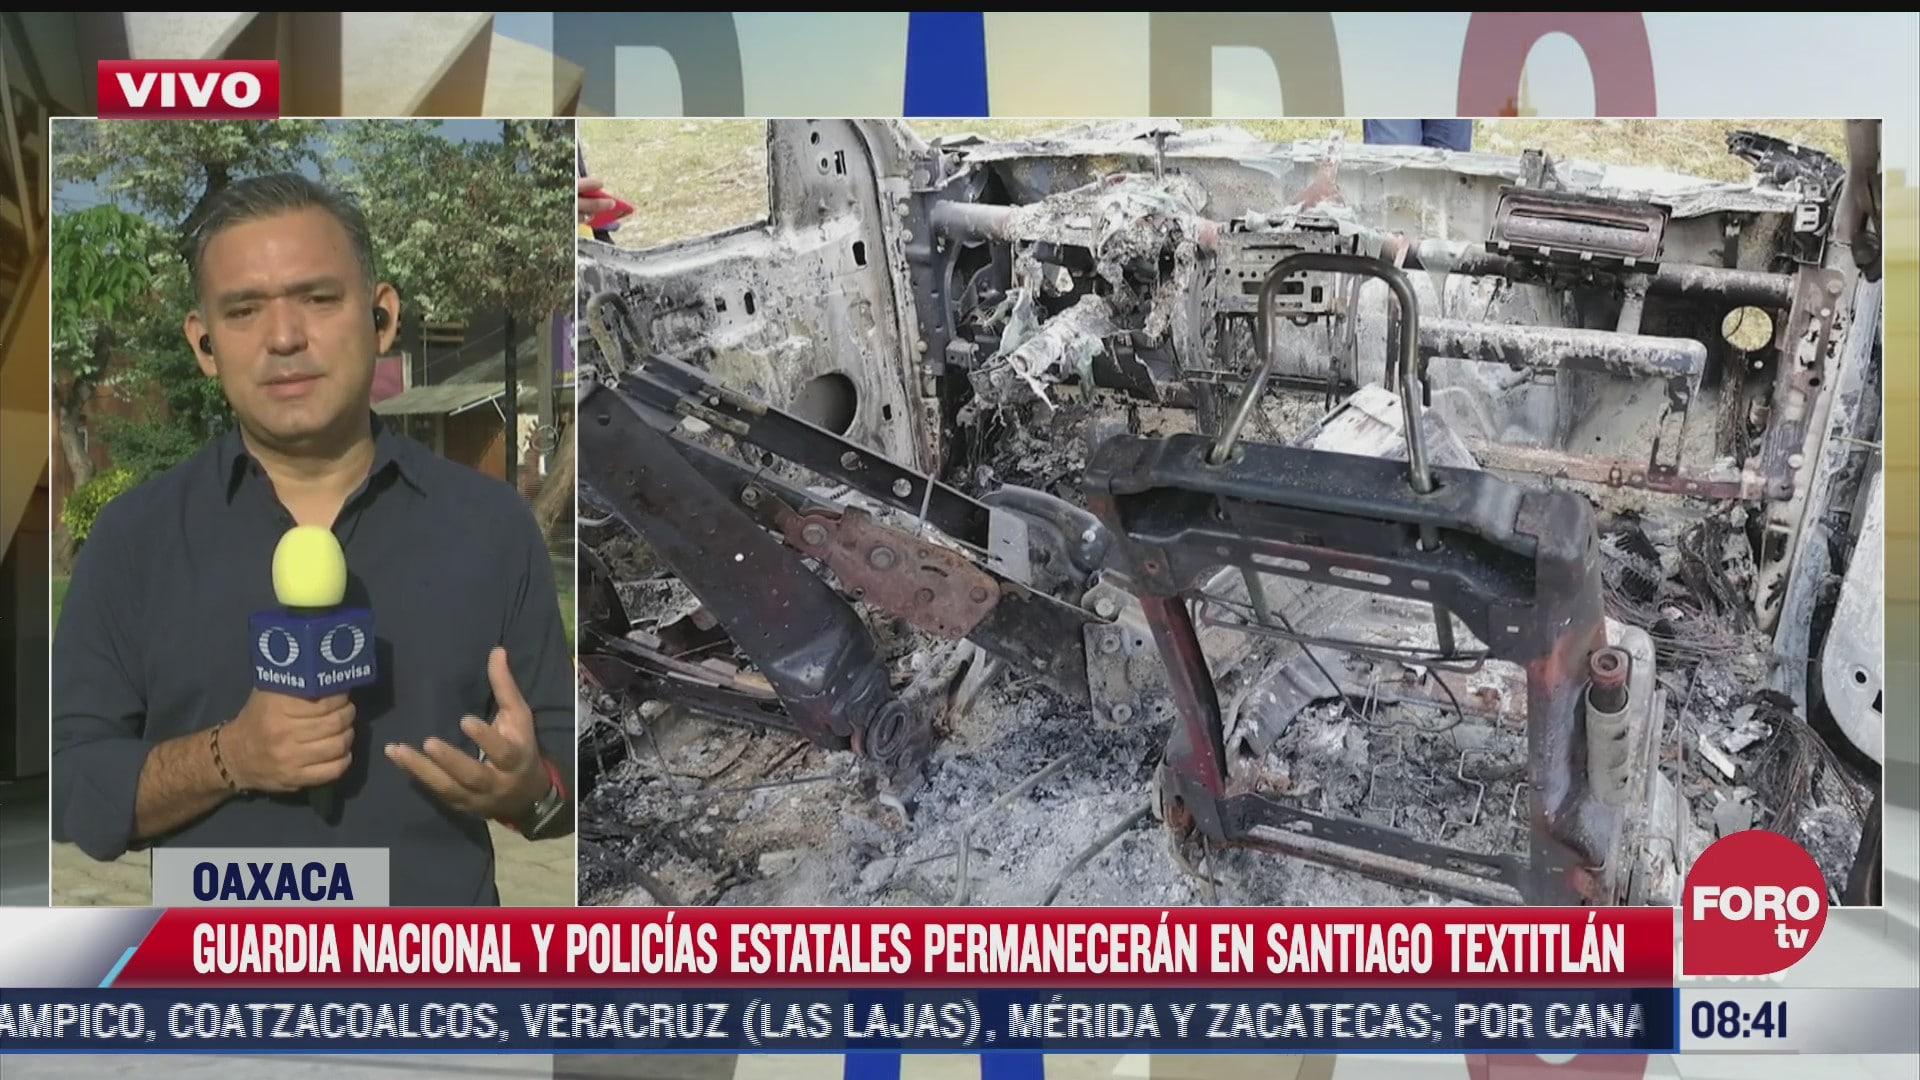 liberan a servidores publicos retenidos por pobladores en santiago textitlan oaxaca